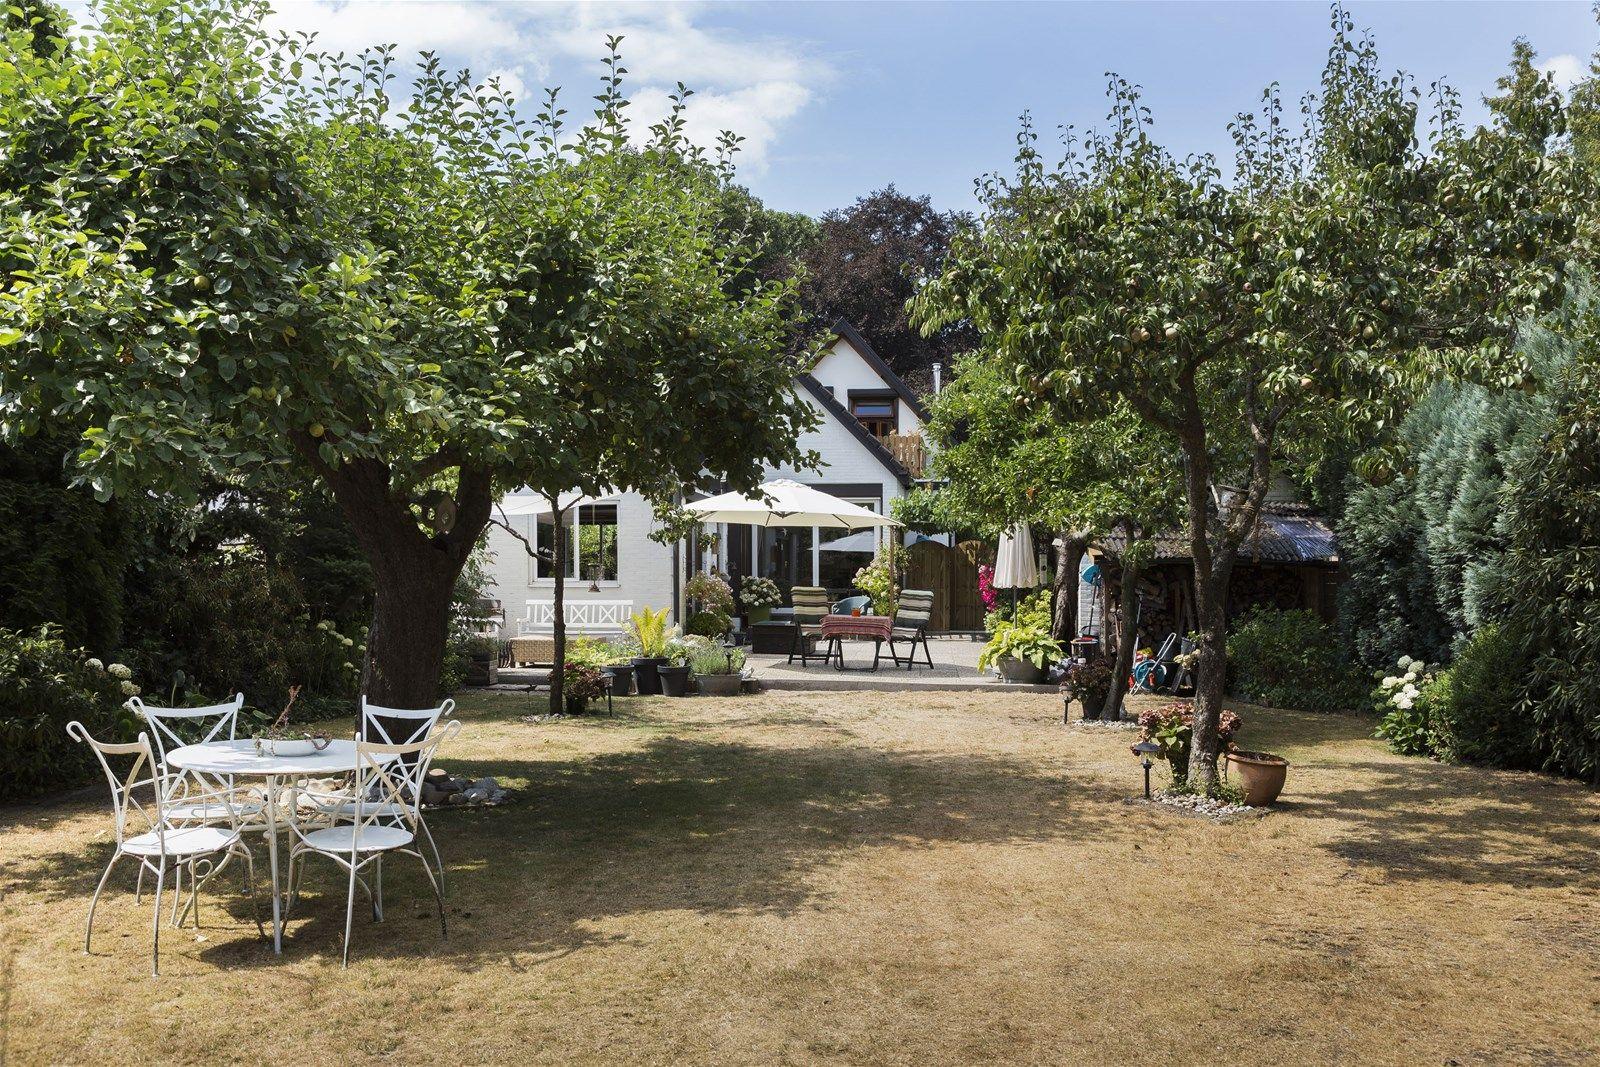 Ugchelseweg 111, Apeldoorn